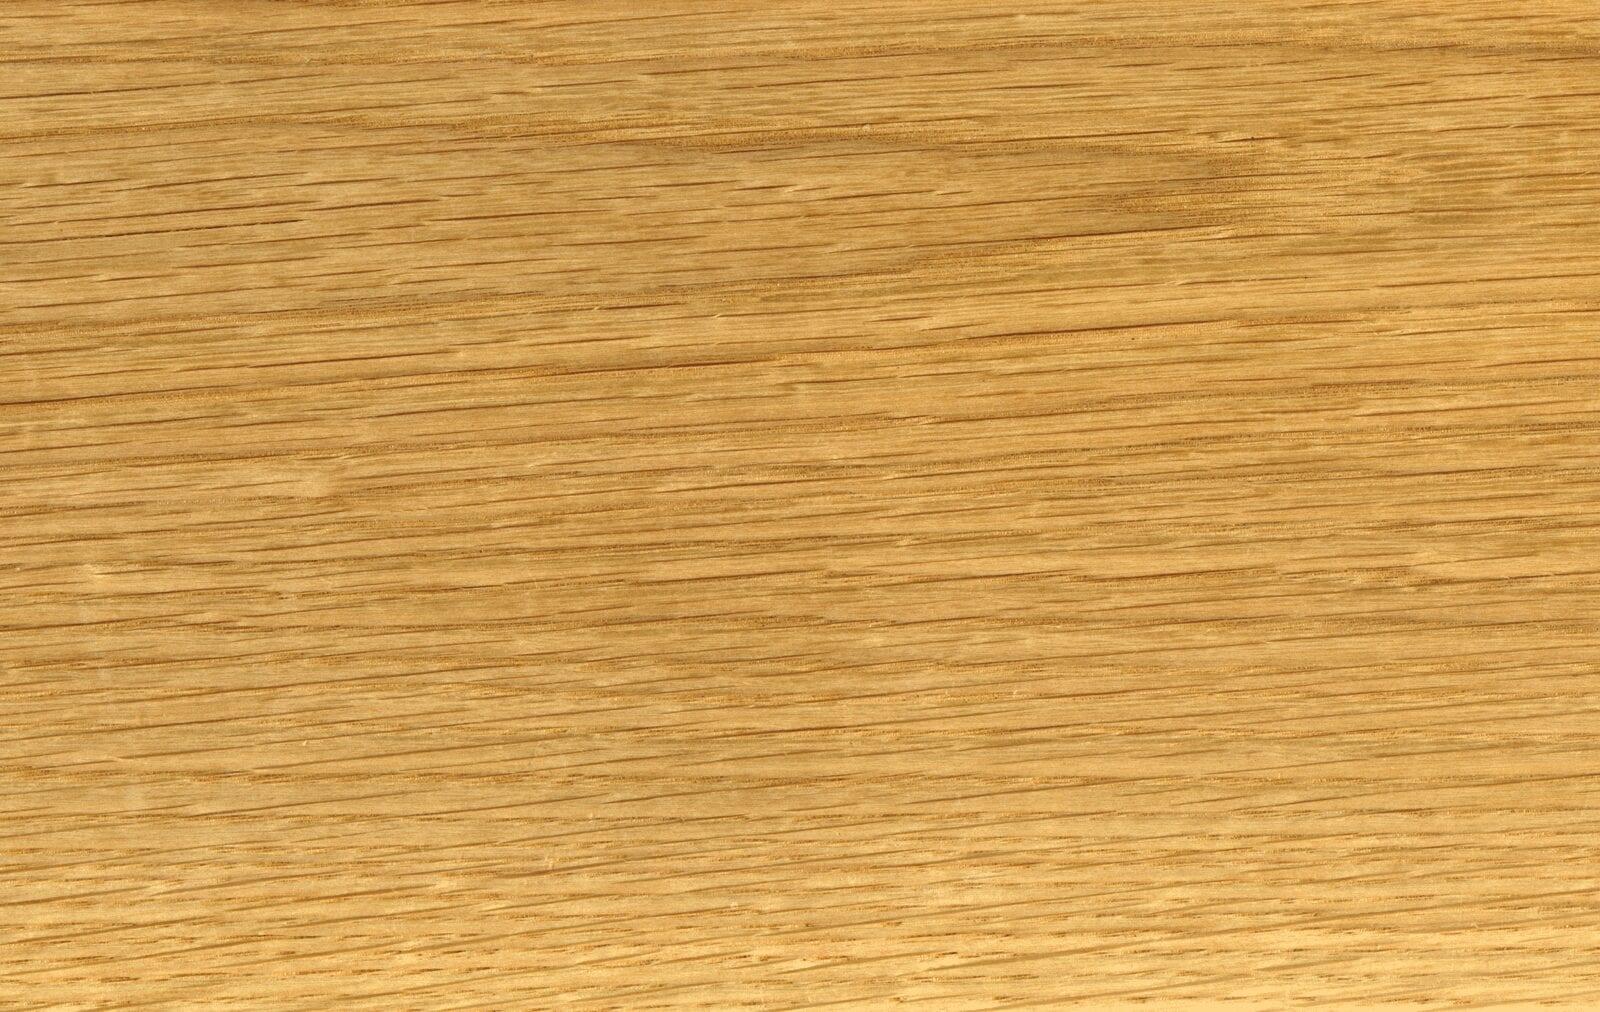 solid_wood_oak_american_prime